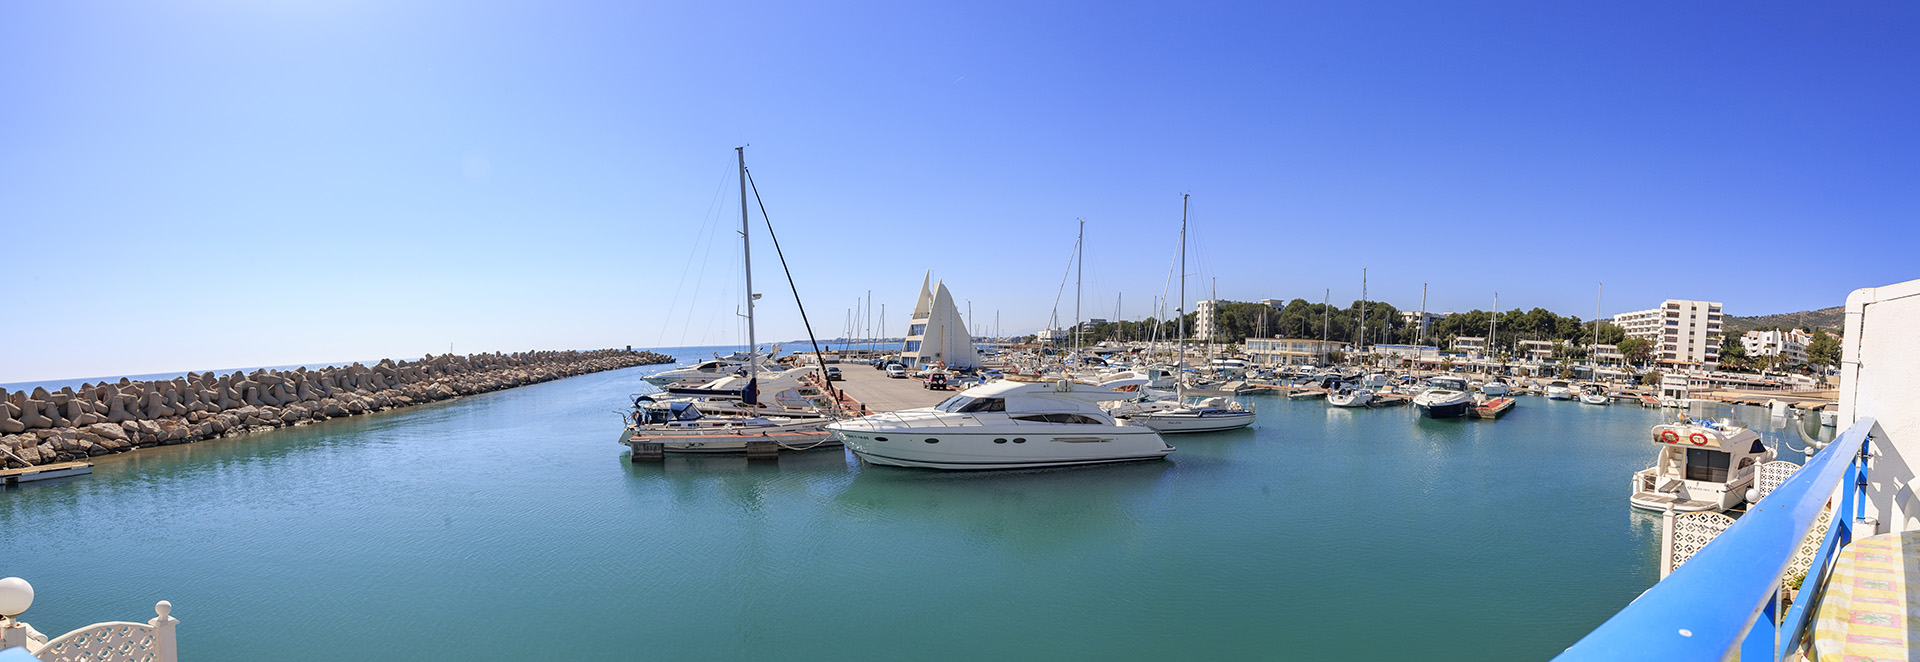 inmobiliaria-alcossebre-desam-poblado-marinero-puerto-deportivo